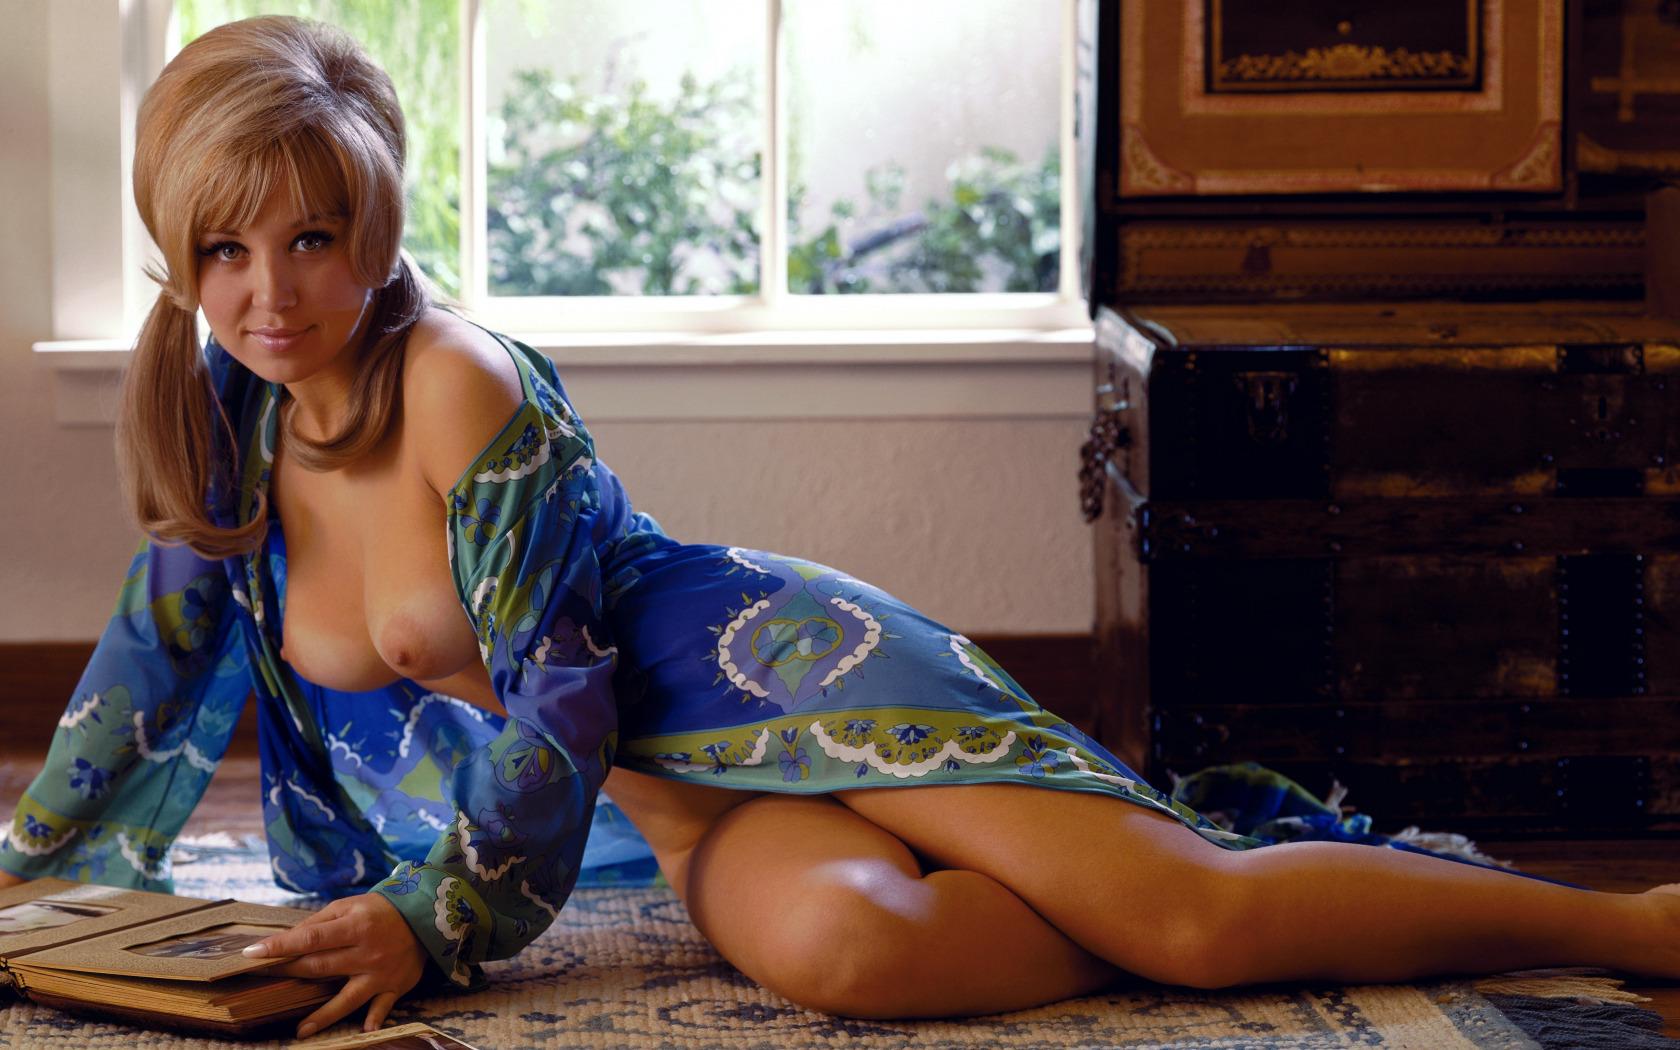 Эротика в платьях, Порно В красивом белье -видео. Смотреть порно 10 фотография